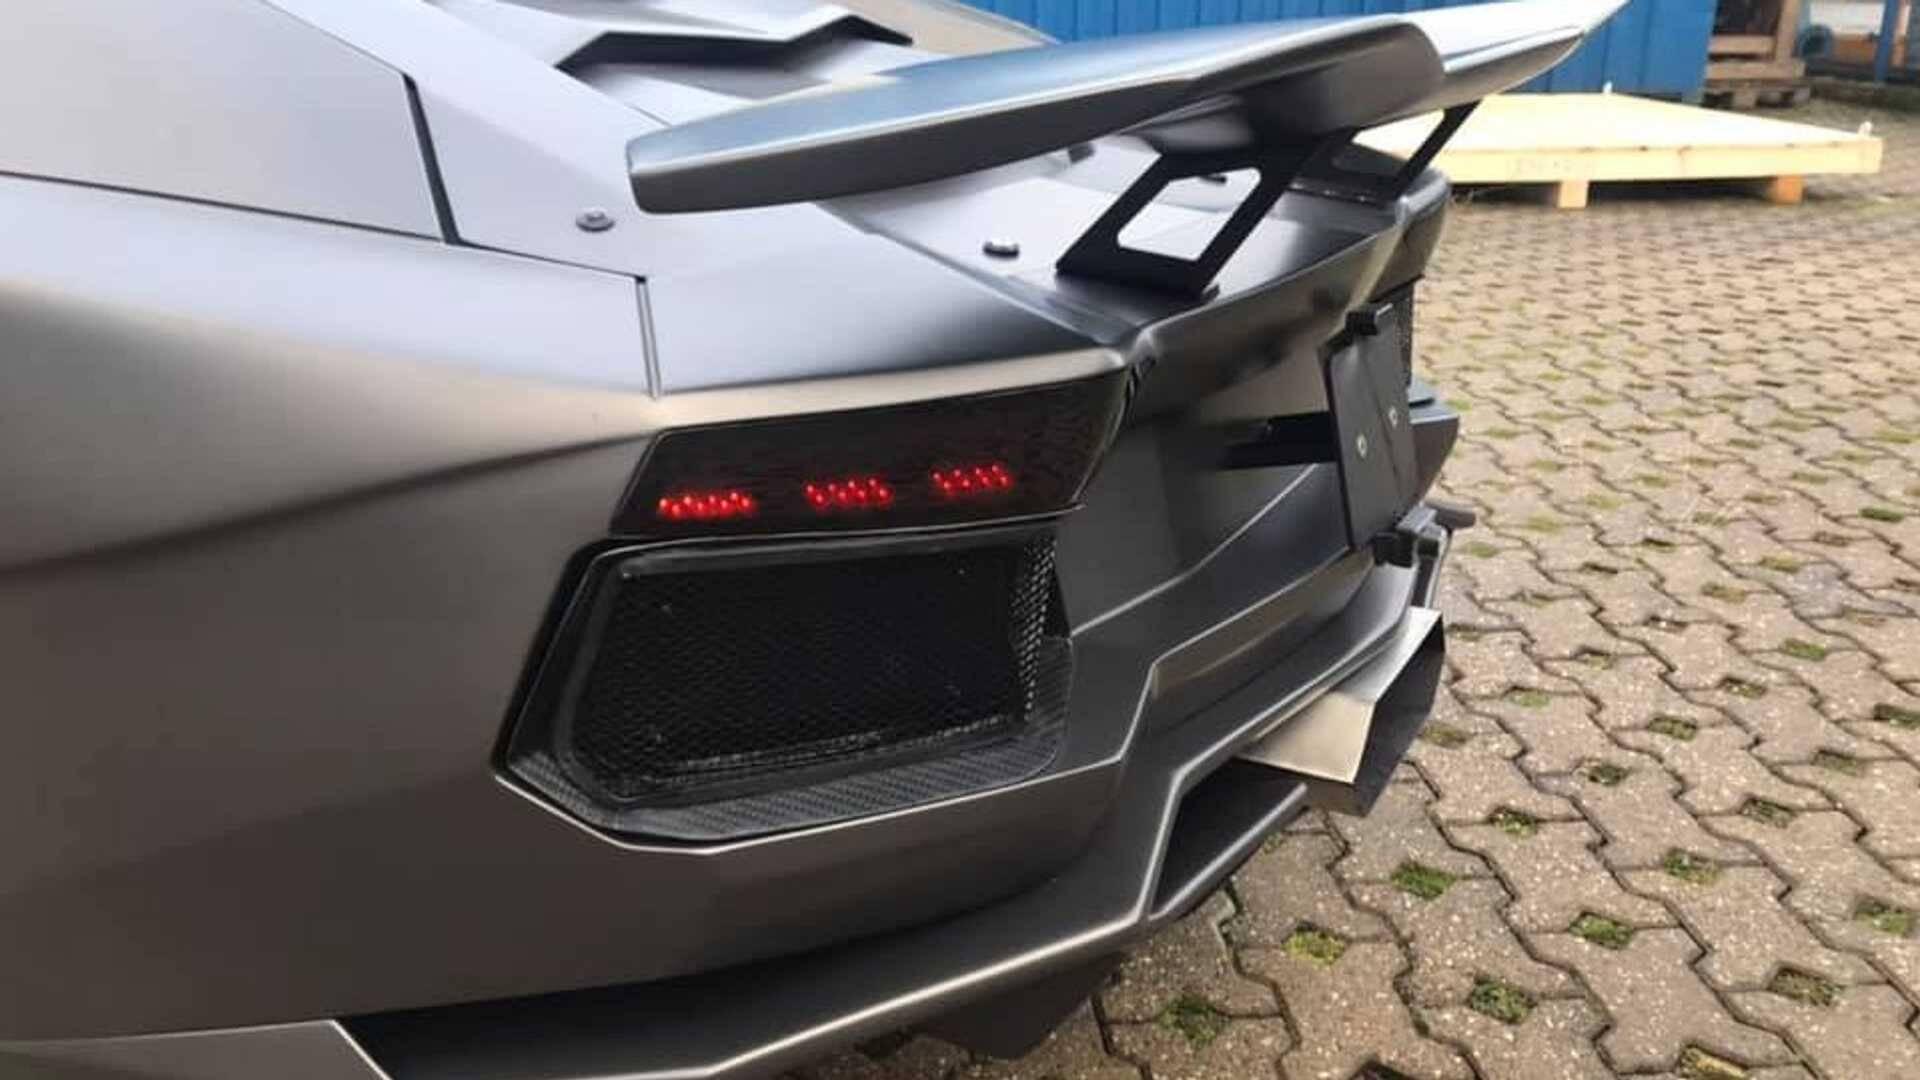 Moto Lamborghini Aventador. Foto: Divulgação